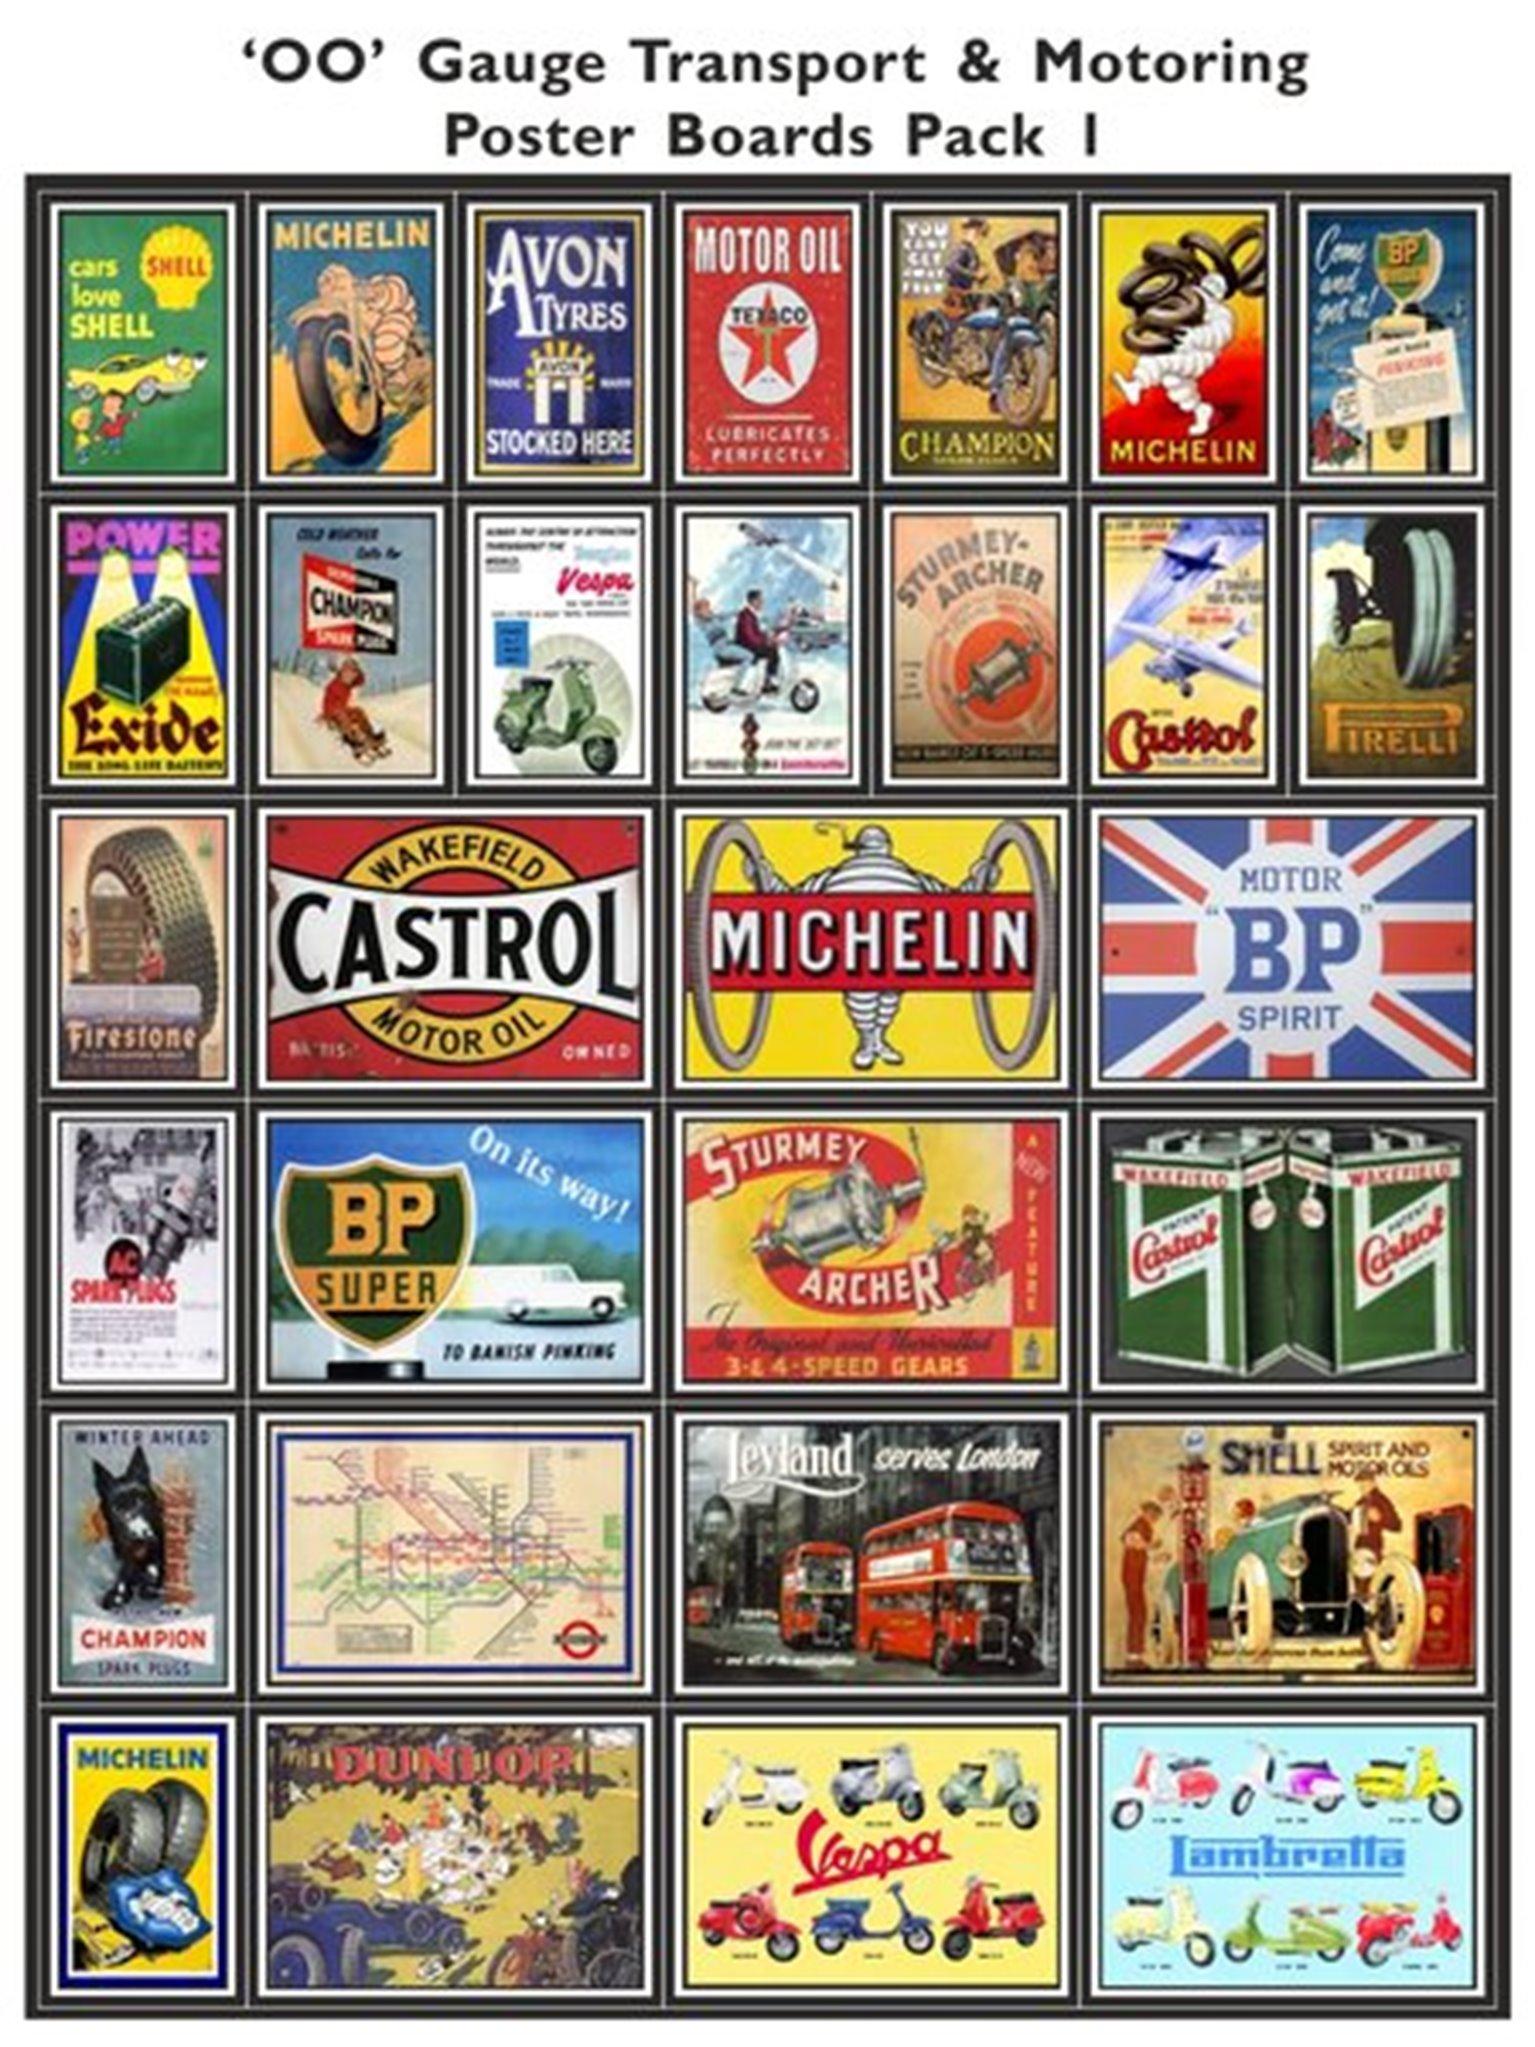 Transport & Motoring Poster Boards Pack 1